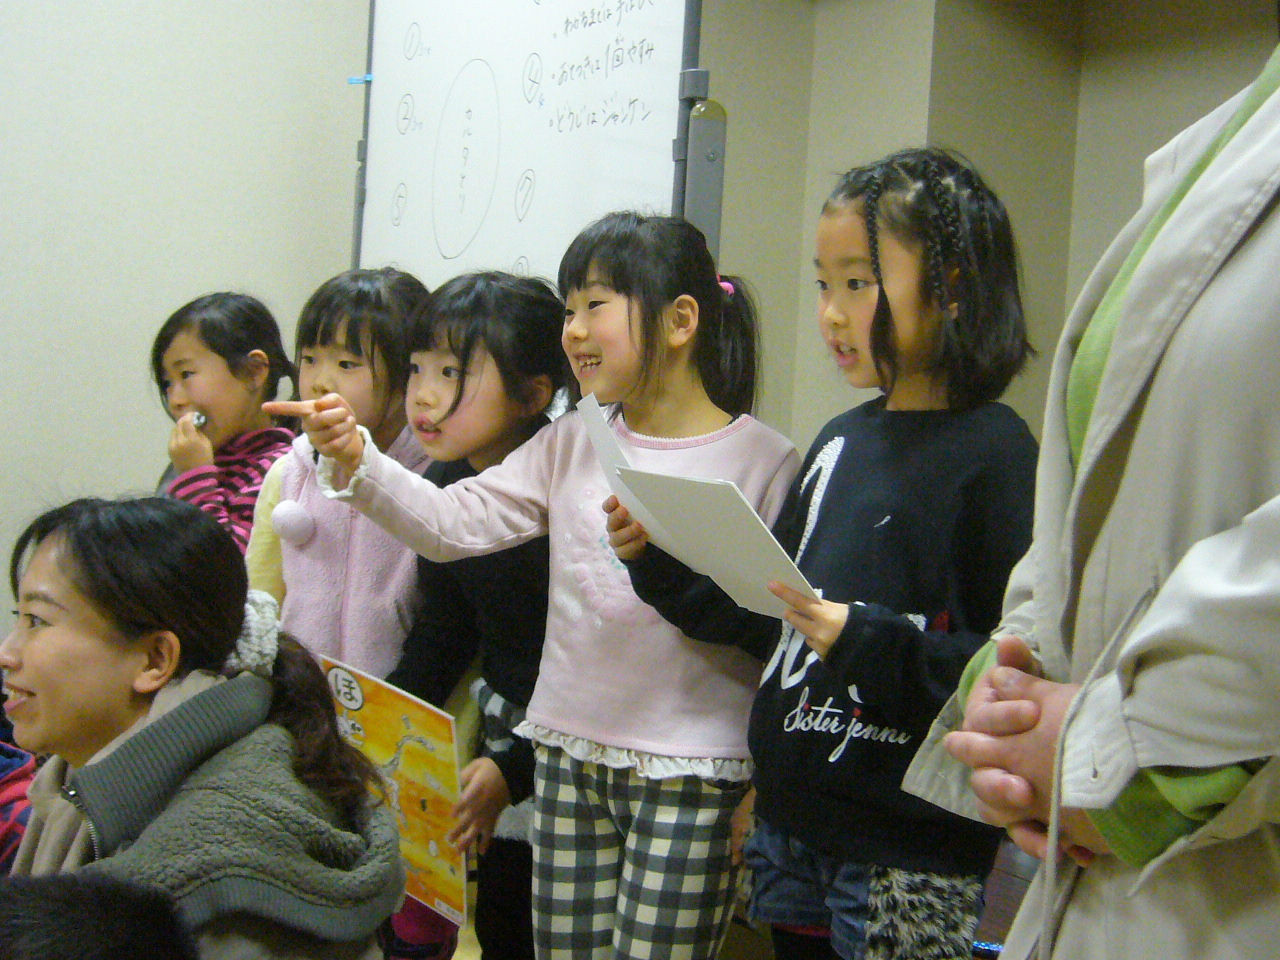 児童クラブでの取り組み例「班対抗!恐竜カルタ大会」